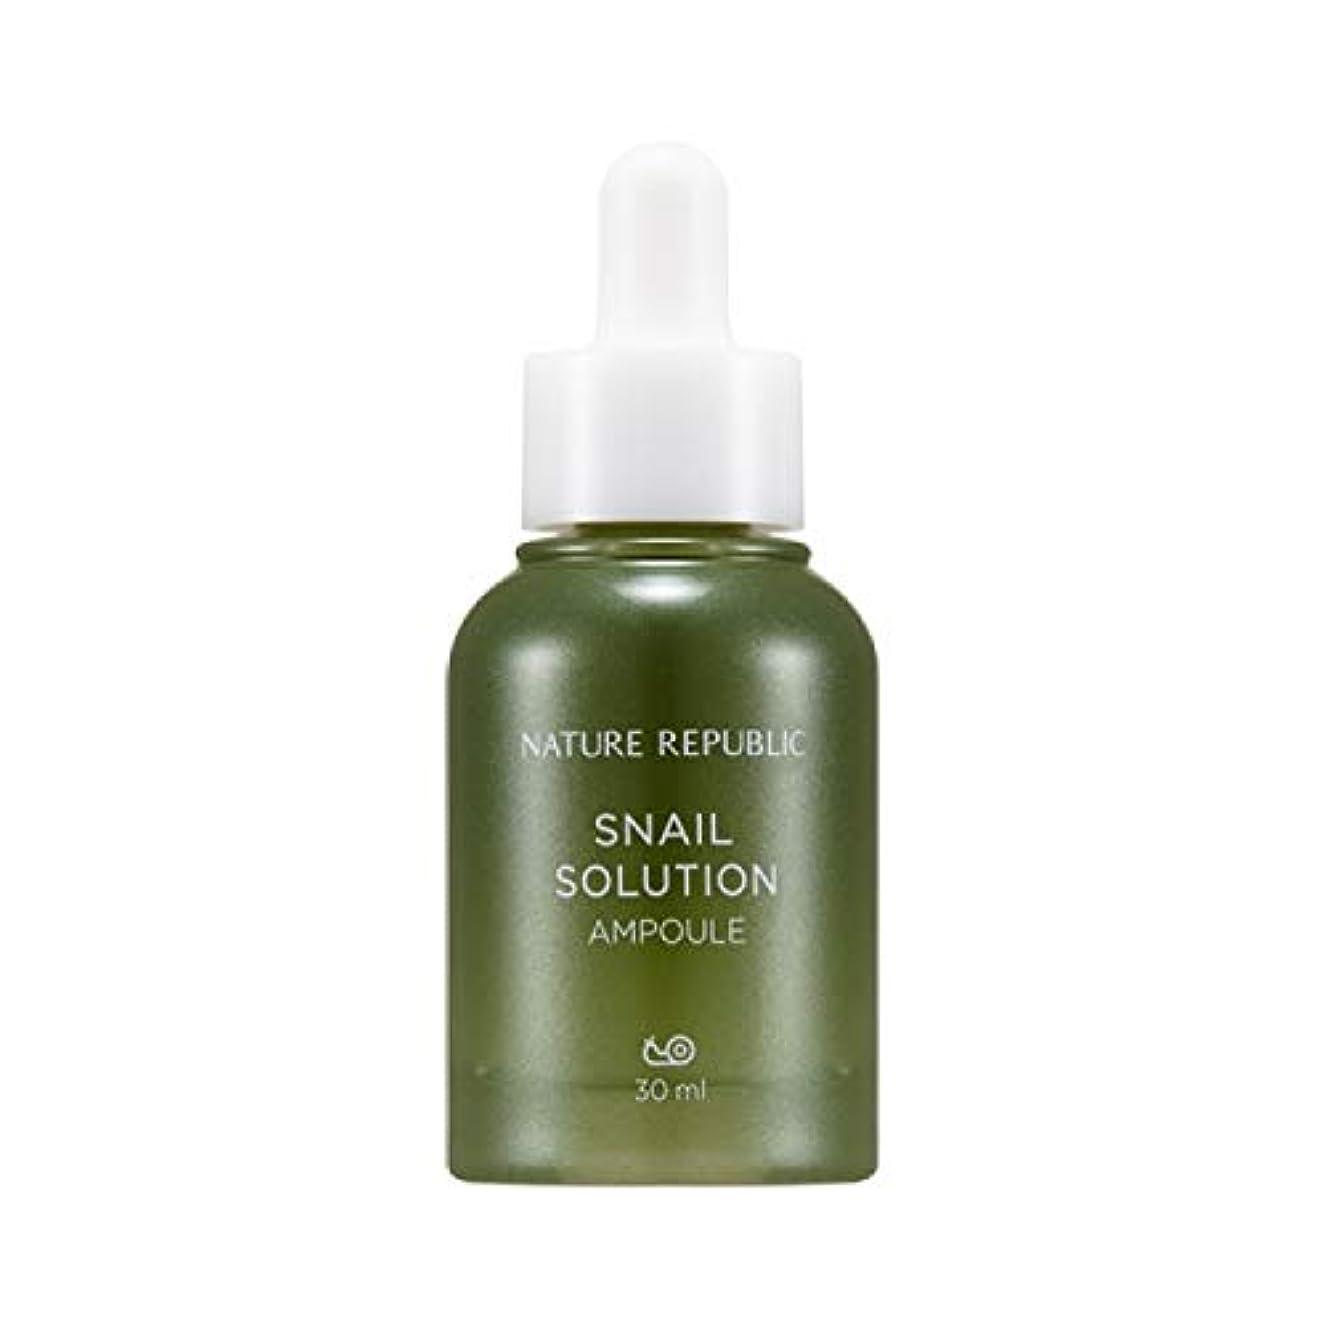 アウトドアできた伝染性のネイチャーリパブリック(Nature Republic)カタツムリソリューションアンプル 30ml / Snail Solution Ampoule 30ml :: 韓国コスメ [並行輸入品]